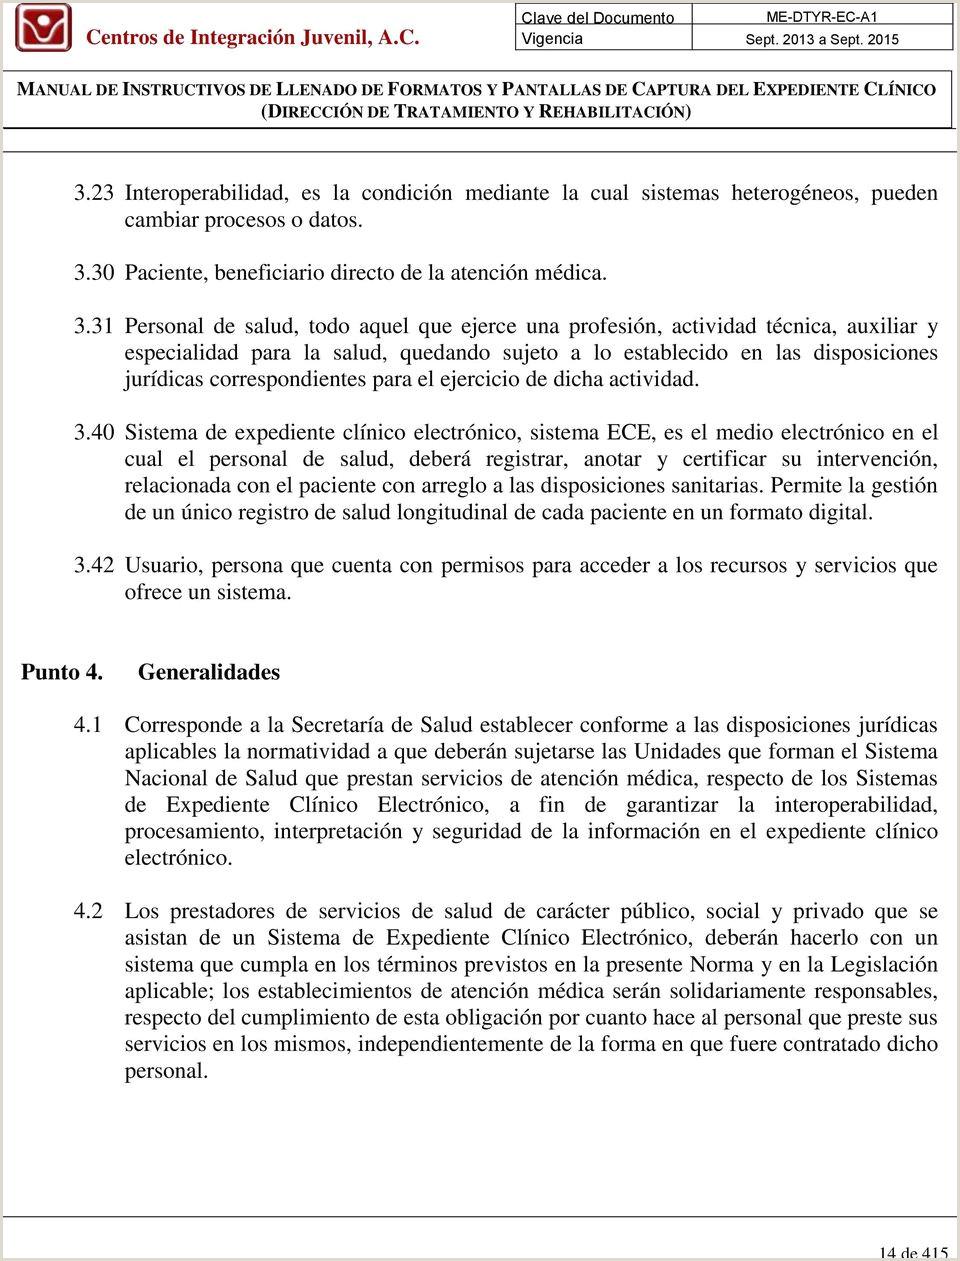 MANUAL DE INSTRUCTIVOS DE LLENADO DE FORMATOS Y PANTALLAS DE